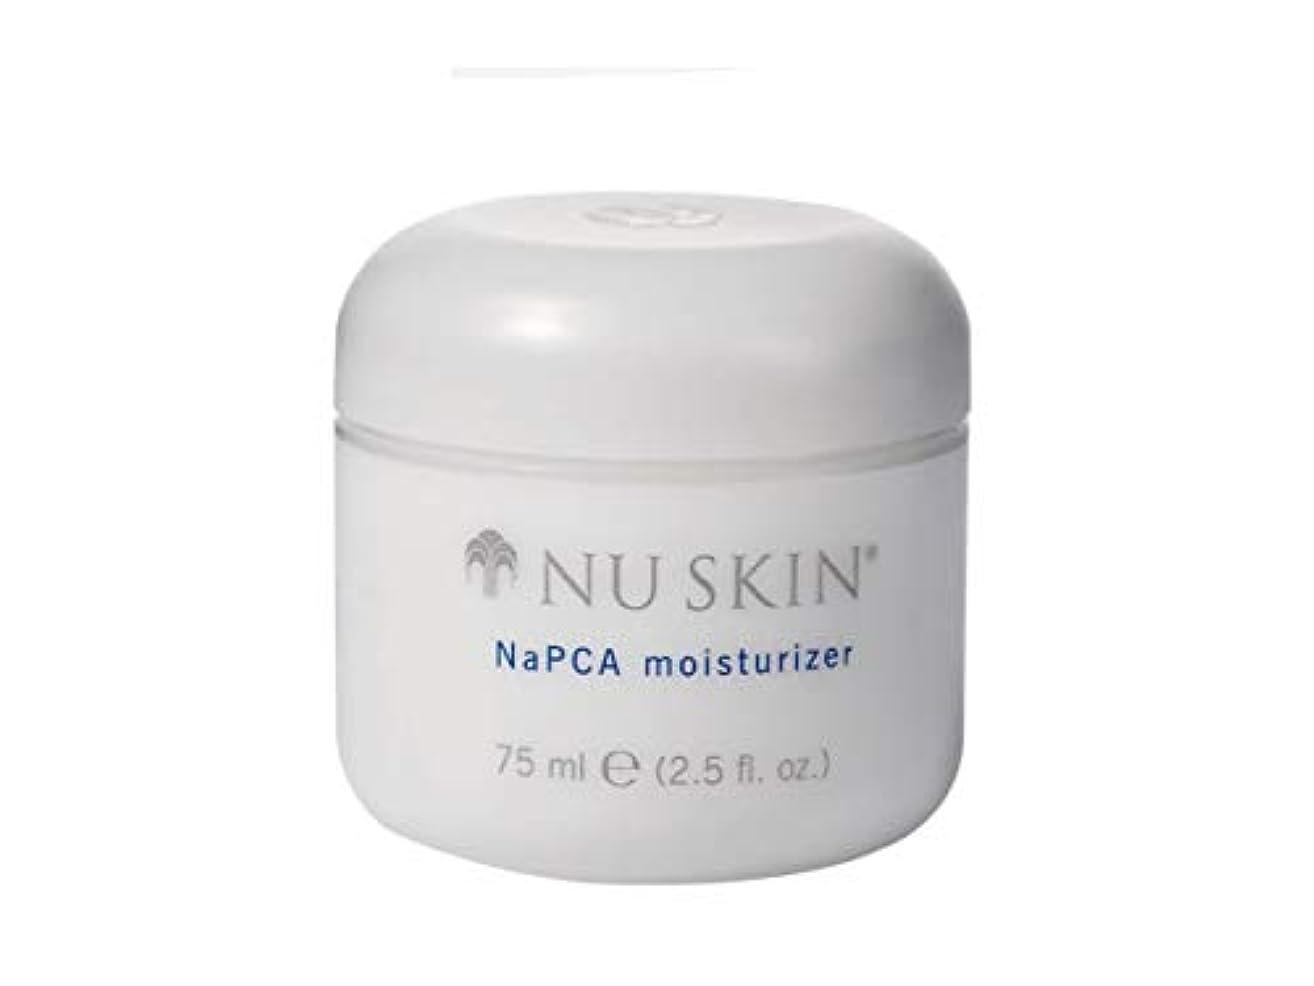 わかるサスペンド最初にニュースキン NU SKIN NaPCA moisturizer 75ml モイスチャライザー 【並行輸入品】